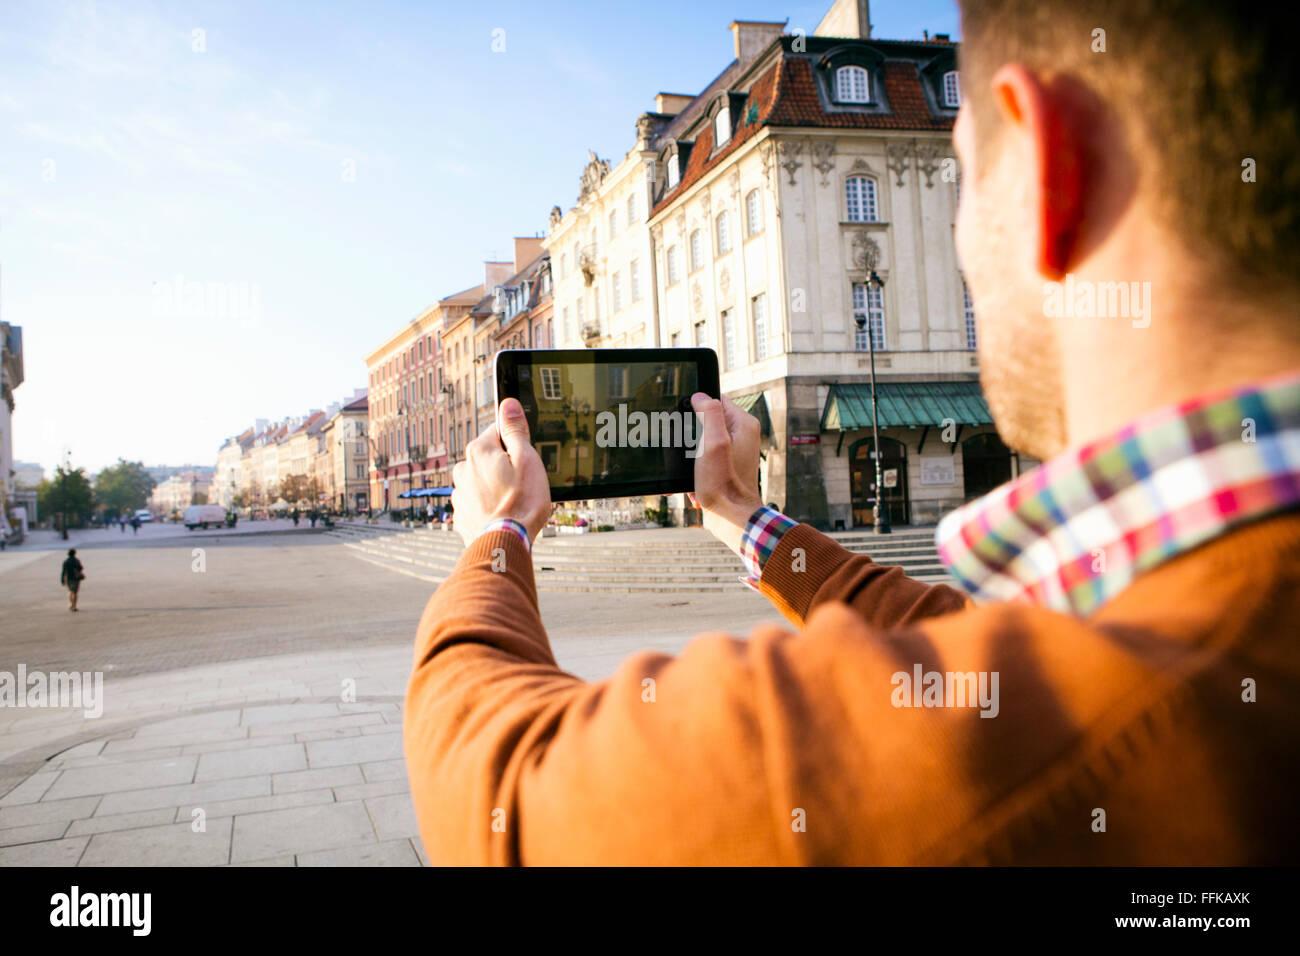 Mann auf einer Städtereise eine Aufnahme mit Smartphone Stockbild